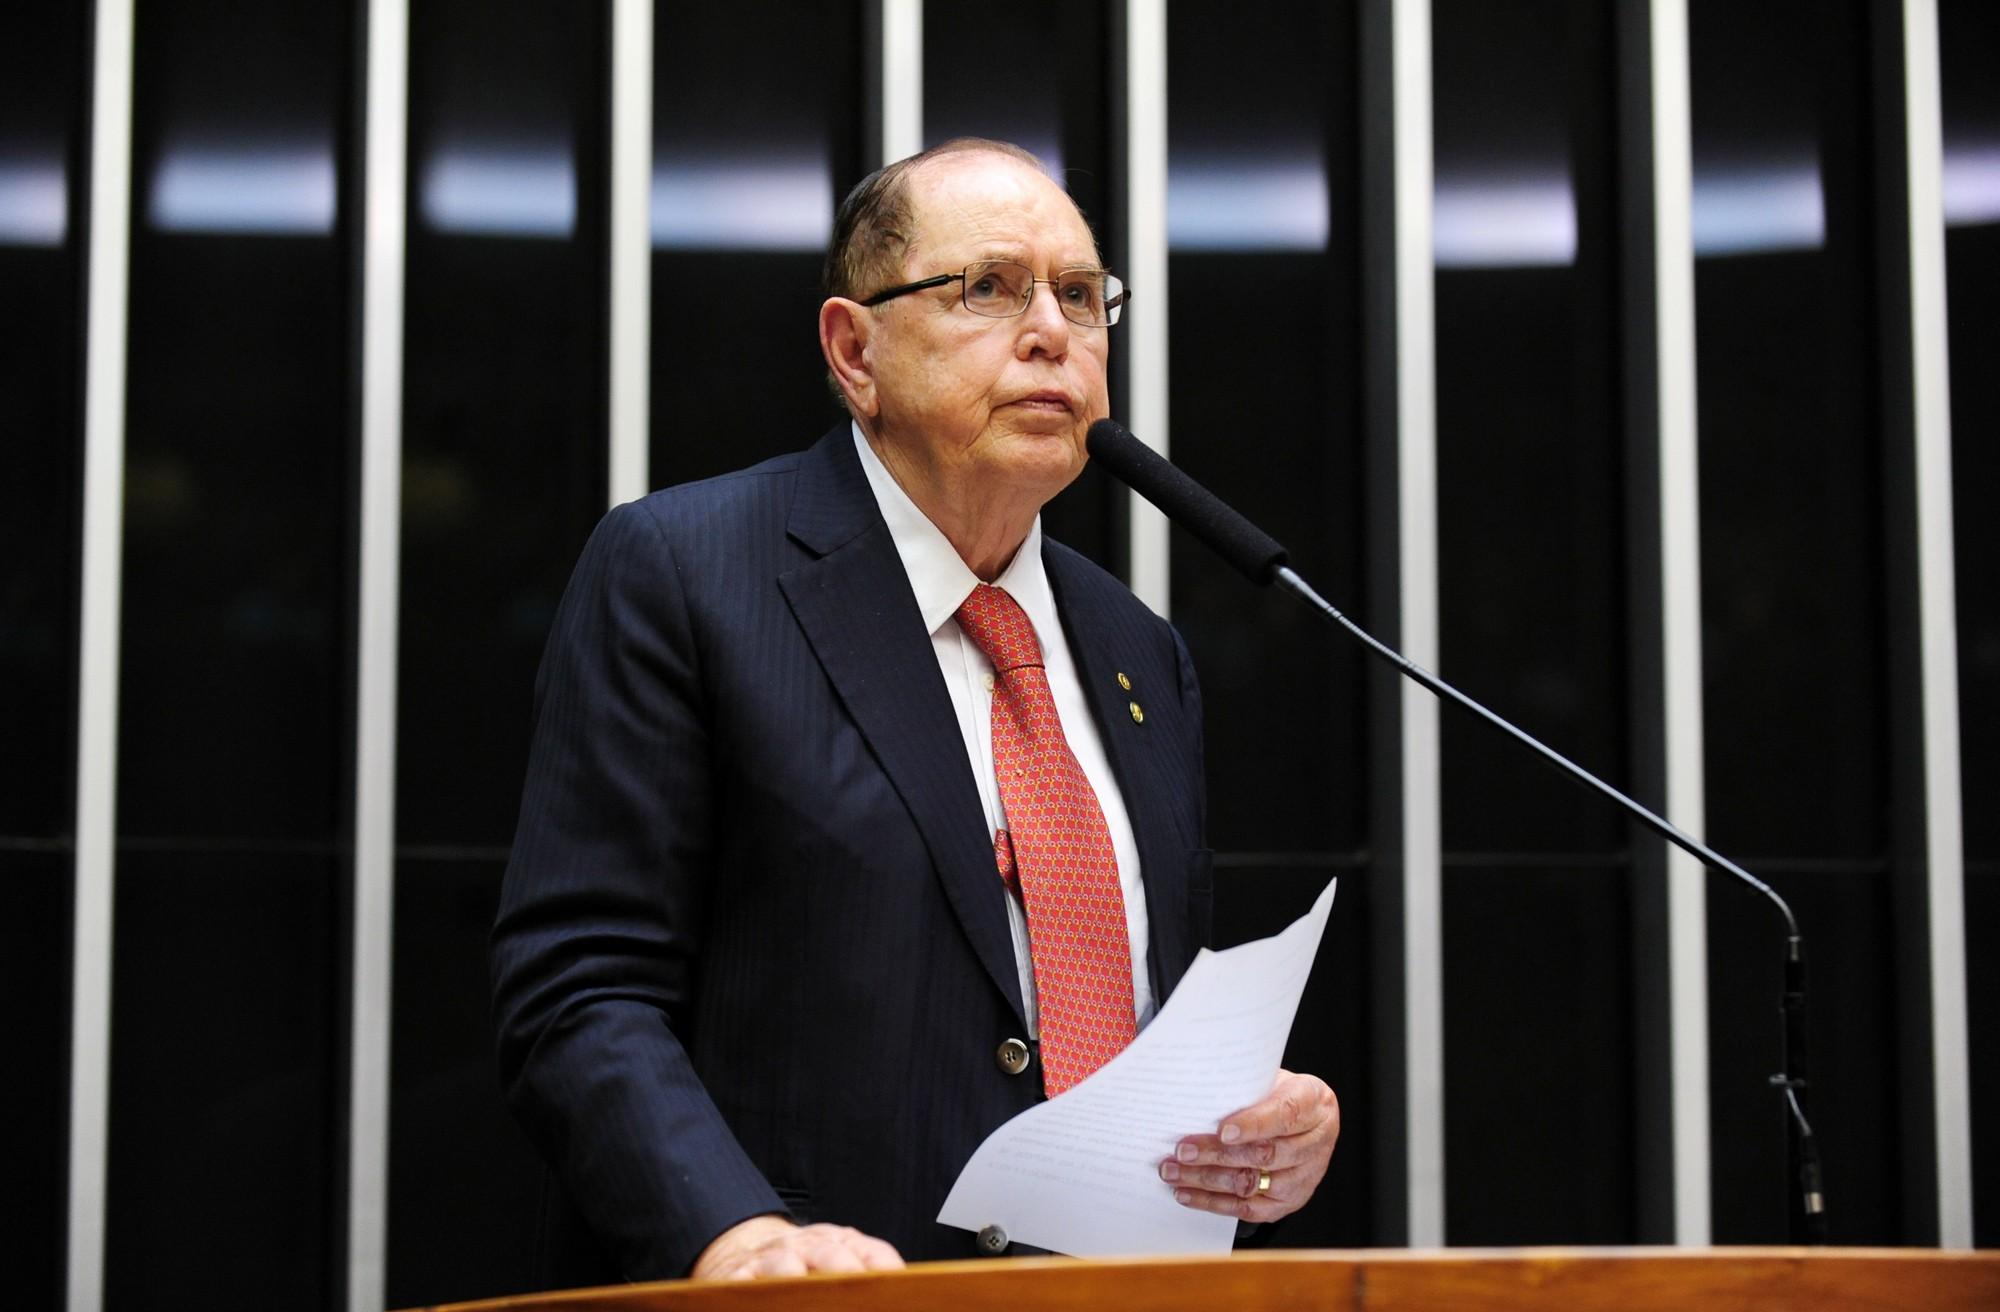 ES: Morre Camilo Cola o fundador da Viação Itapemirim. Estado decreta luto de três dias